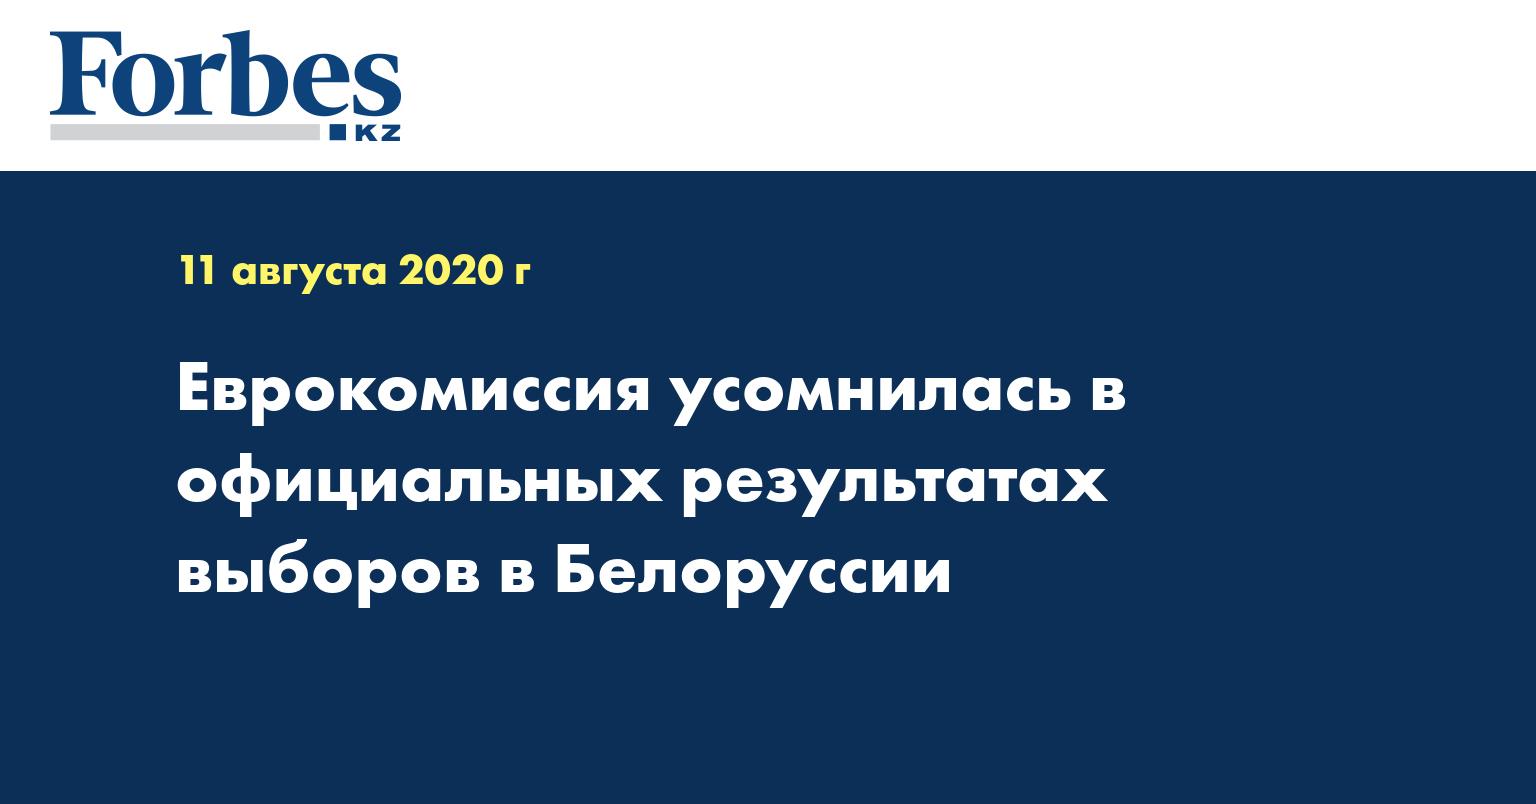 Еврокомиссия усомнилась в официальных результатах выборов в Белоруссии